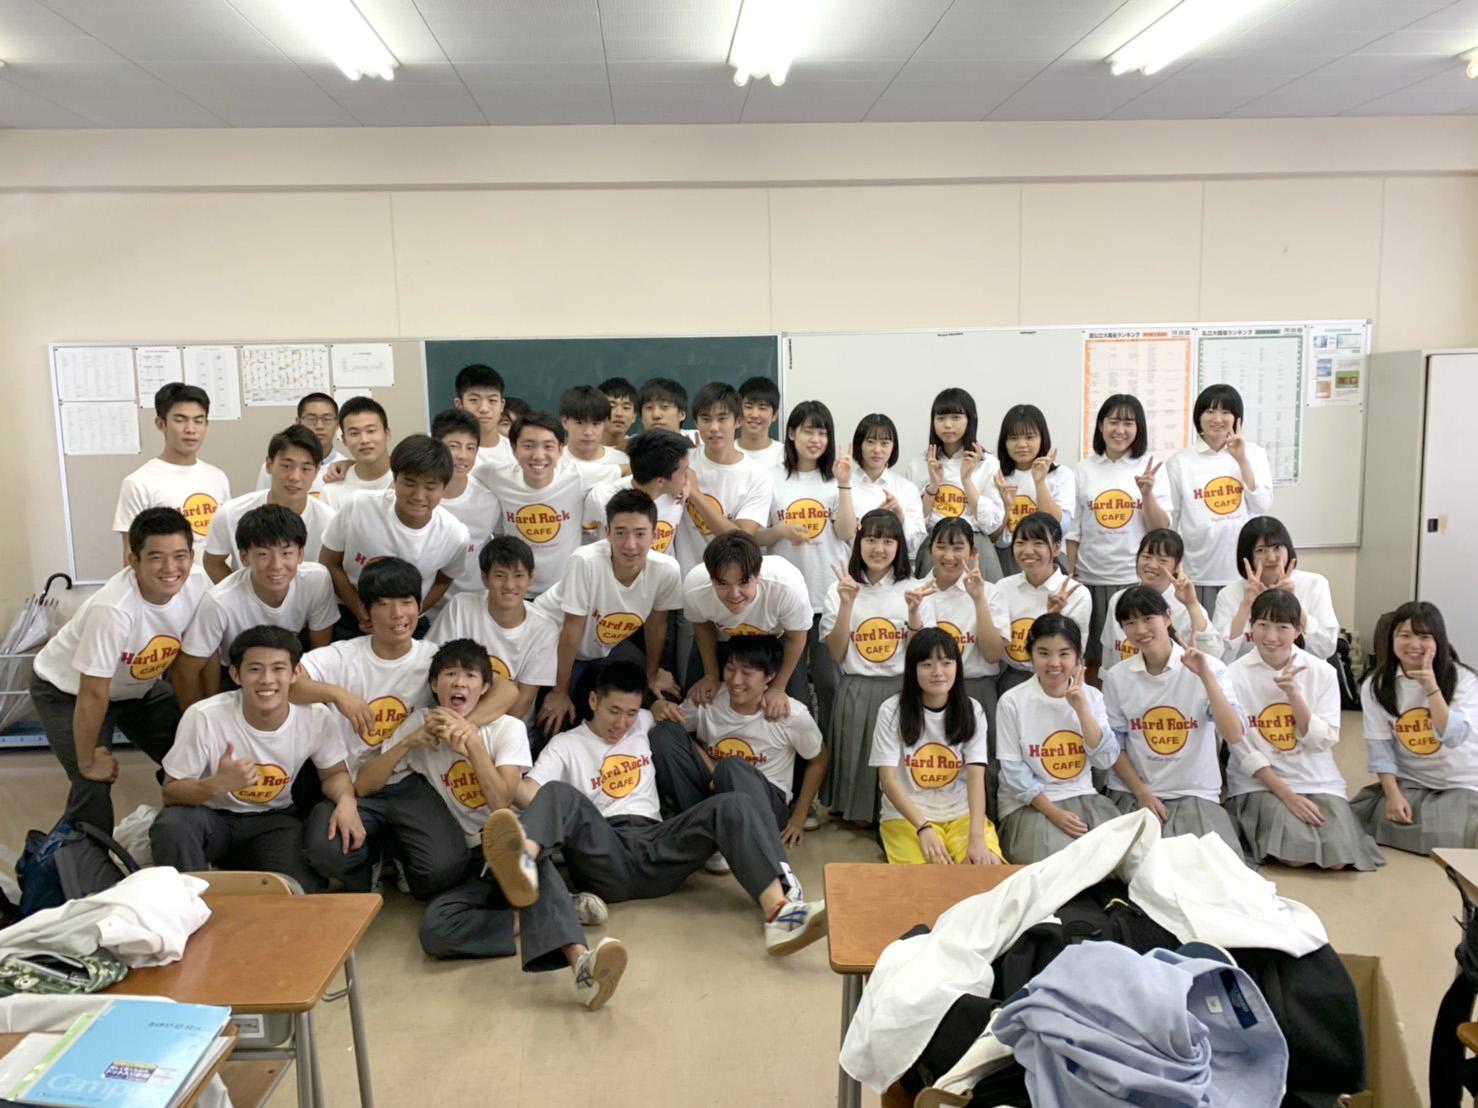 高校生クラスTシャツ2019東京成徳大学高等学校2年生グルメチーム様(転写)